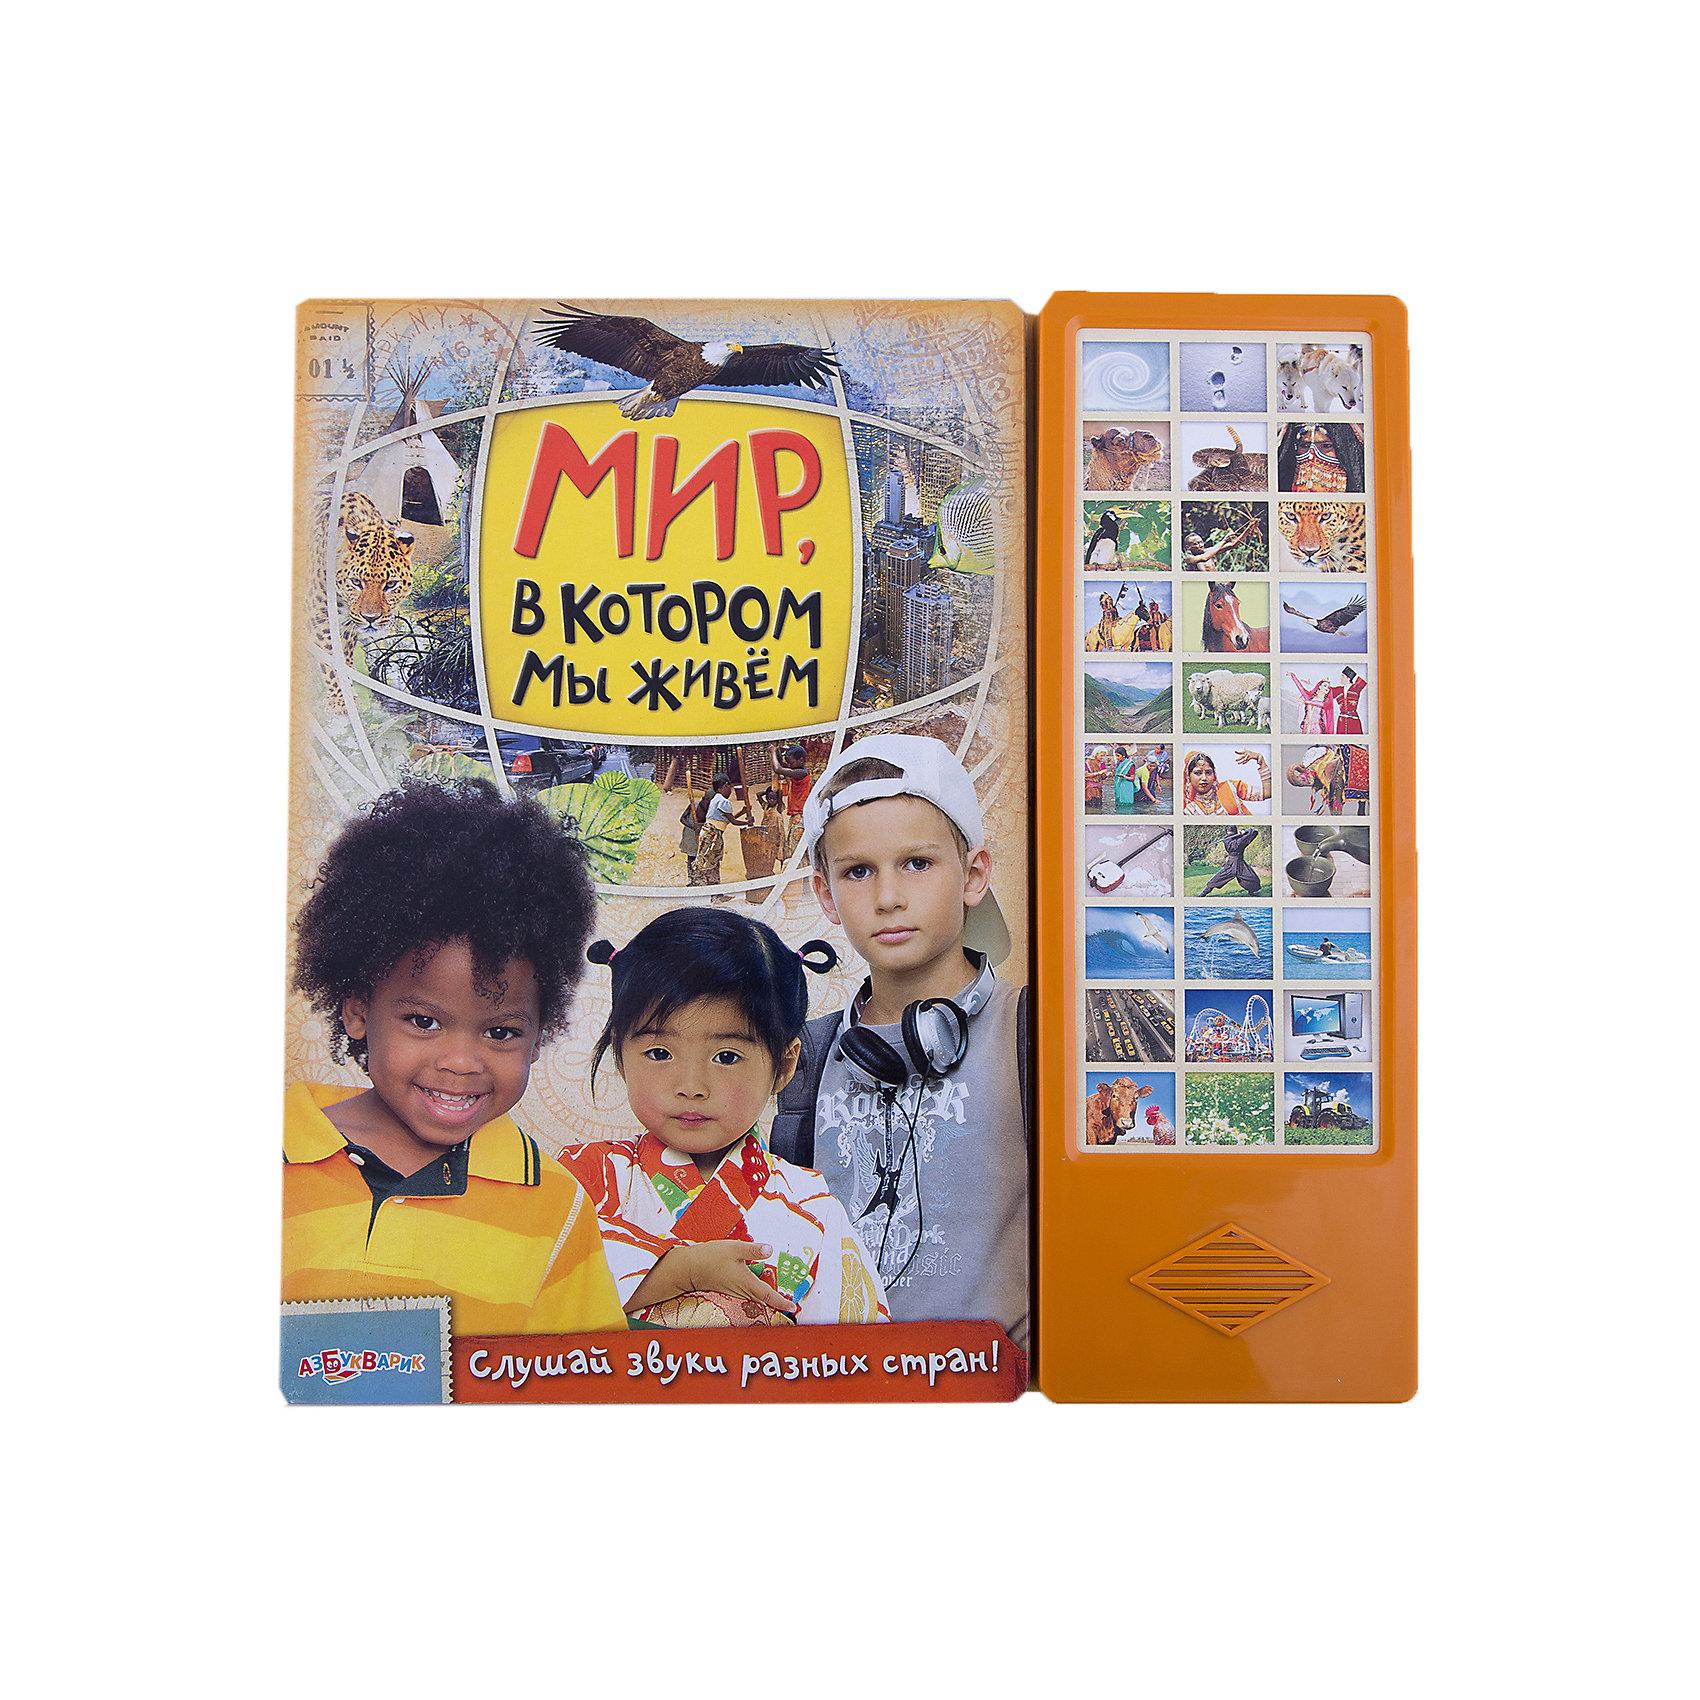 Мир в котором мы живемАзбукварик<br>Хочешь подружиться с детьми из разных уголков земного шара? Тогда эта книга - для тебя! Ее герои расскажут самое интересное о своей жизни, познакомят с обычаями и традициями своего народа. Оригинальные звуки и красочные иллюстрации сделают это знакомство живым и ярким!<br><br>Дополнительная информация:<br>  <br>- Переплет: картон.<br>- Формат: 30х30 см.<br>- Количество страниц: 16.<br>- Иллюстрации: цветные. <br>- Элемент питания: батарейки AG13/LR44 (в комплекте).<br><br>Книгу Мир в котором мы живем можно купить в нашем магазине.<br><br>Ширина мм: 300<br>Глубина мм: 150<br>Высота мм: 20<br>Вес г: 890<br>Возраст от месяцев: 24<br>Возраст до месяцев: 60<br>Пол: Унисекс<br>Возраст: Детский<br>SKU: 4603670